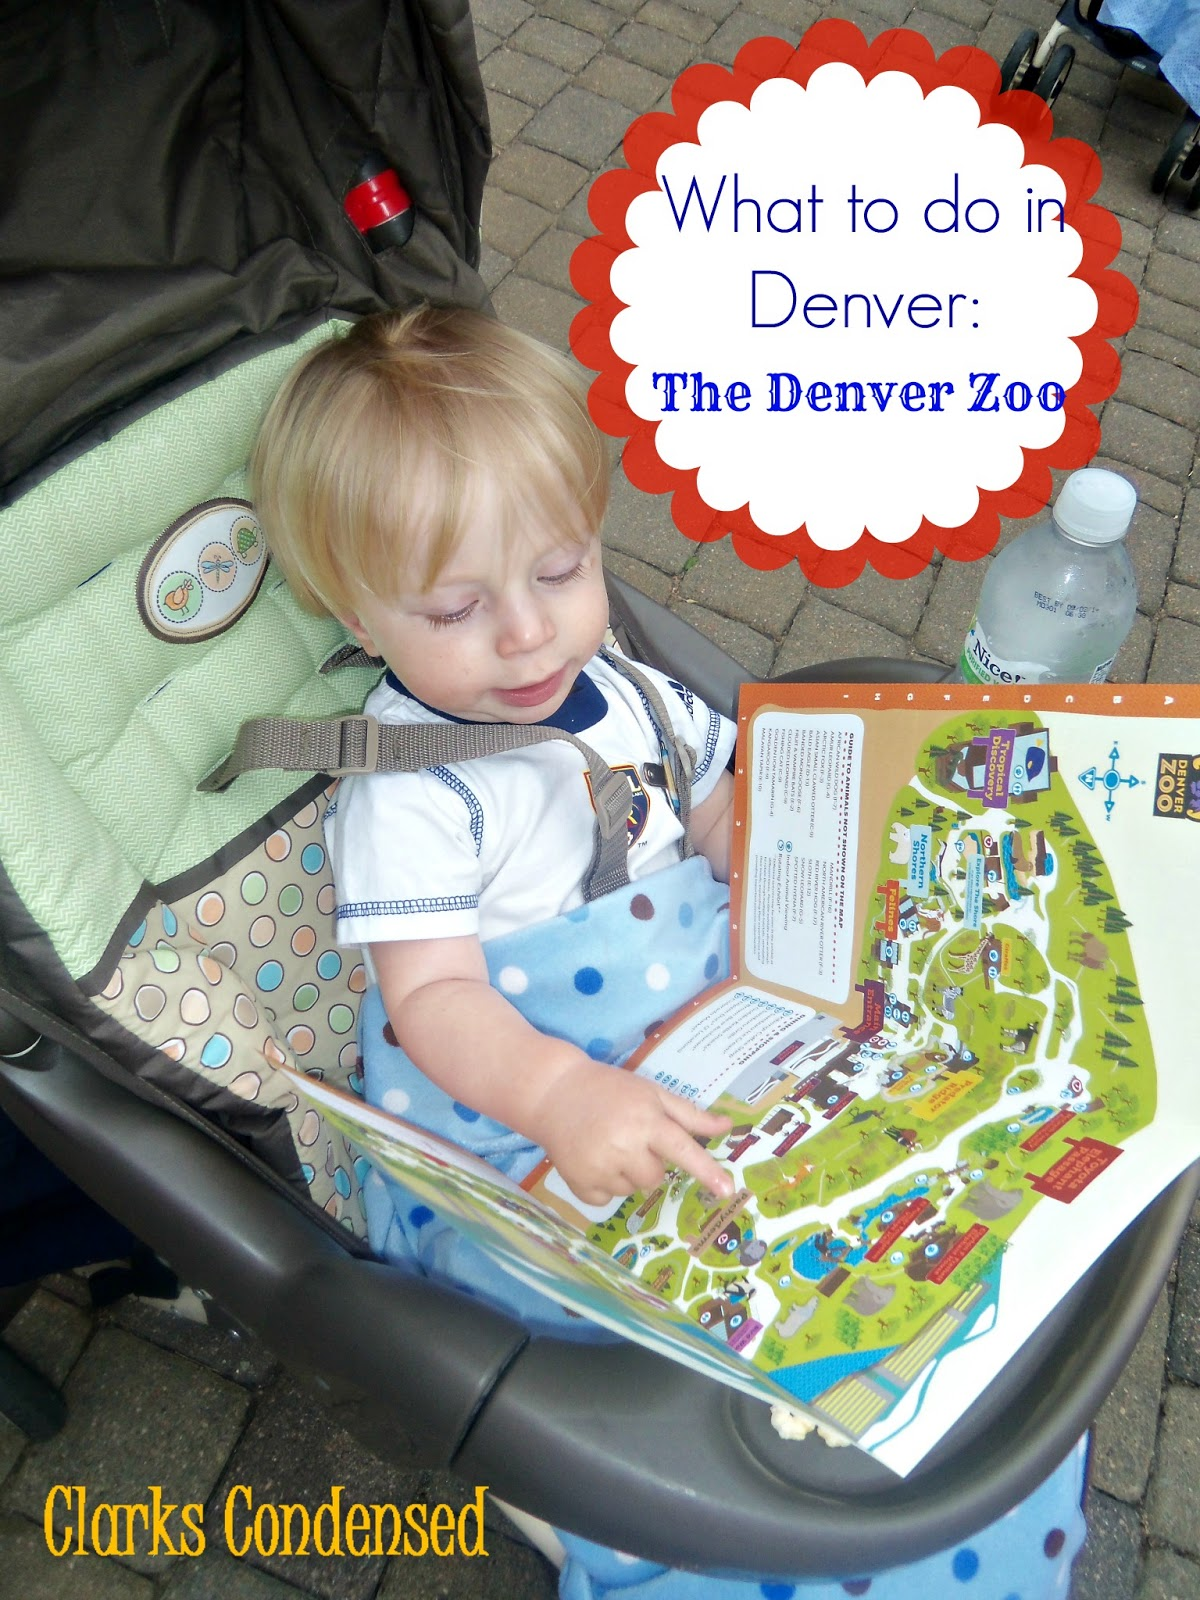 The Denver Zoo